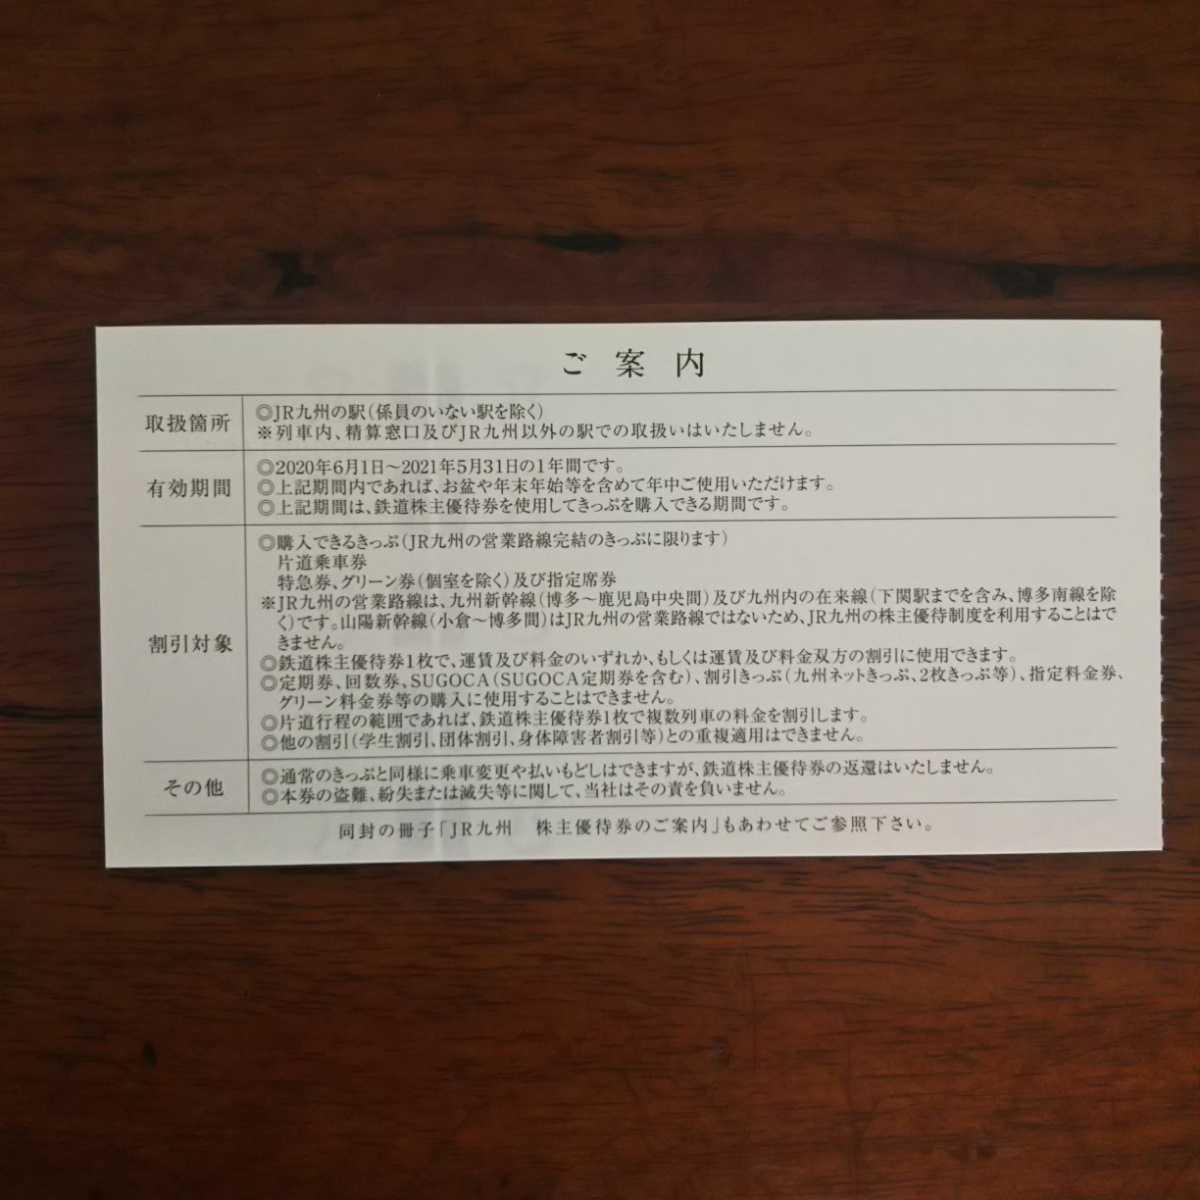 【送料無料】JR九州株主優待券 JR九州旅客鉄道株主優待券 鉄道株主優待割引券_画像2